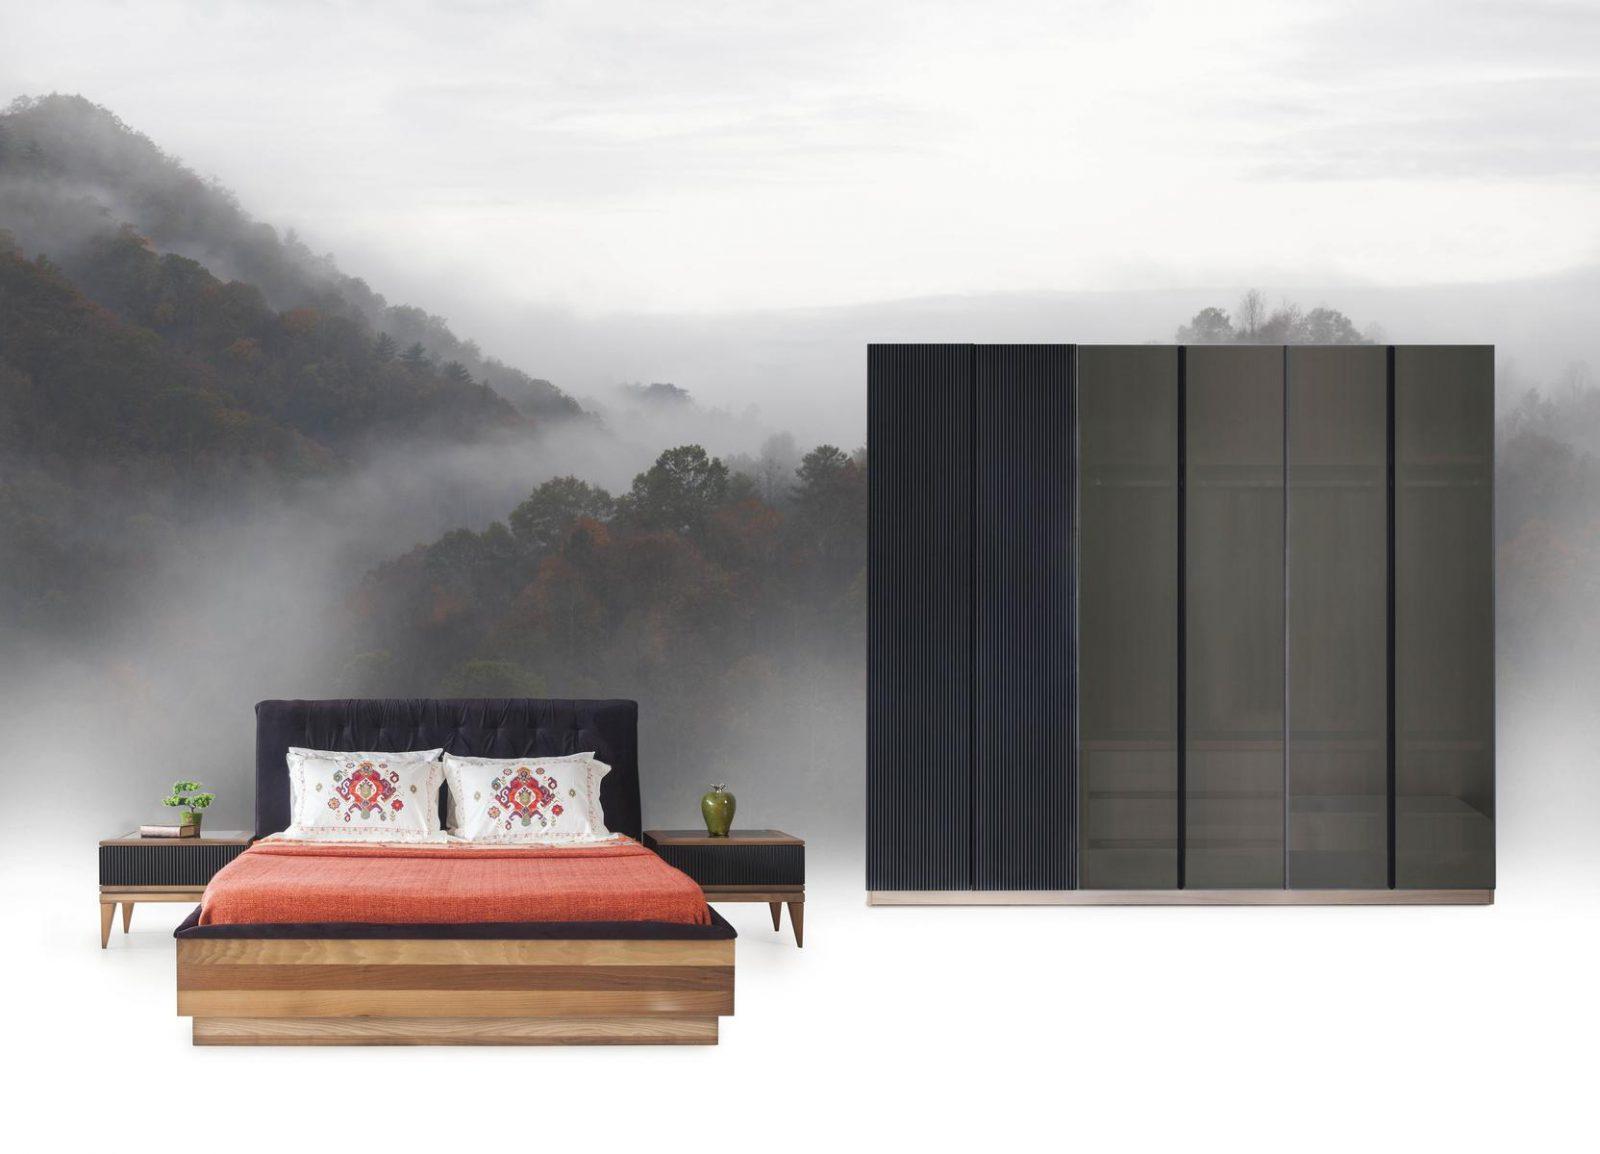 Modern Life Yatak Odası takımı bazalı ceviz karyolası ve 6 kapaklı gardrop modeli ile odanıza zerafet katmaya geliyor.